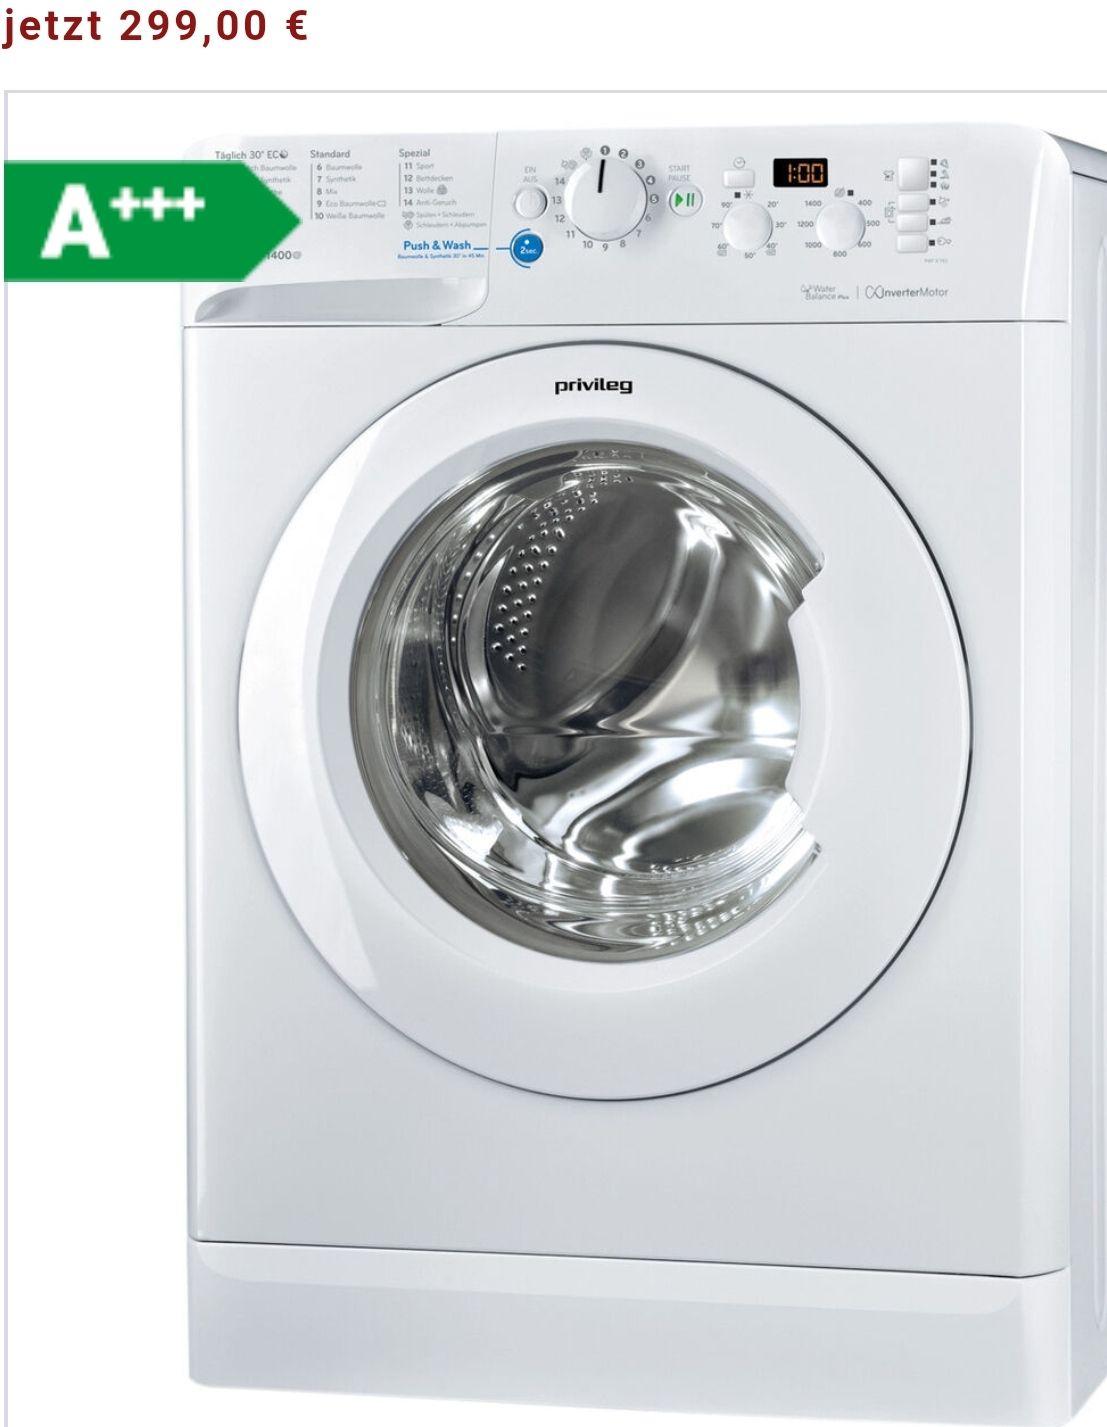 Versandkostenfrei! Waschmaschine Privileg PWF X 743  A+++ 7 kg/ Jahresverbrauch Wasser 10840 Liter/ 1400 Umdrehungen pro Minute/ Jahresverbrauch Strom 174 kwh